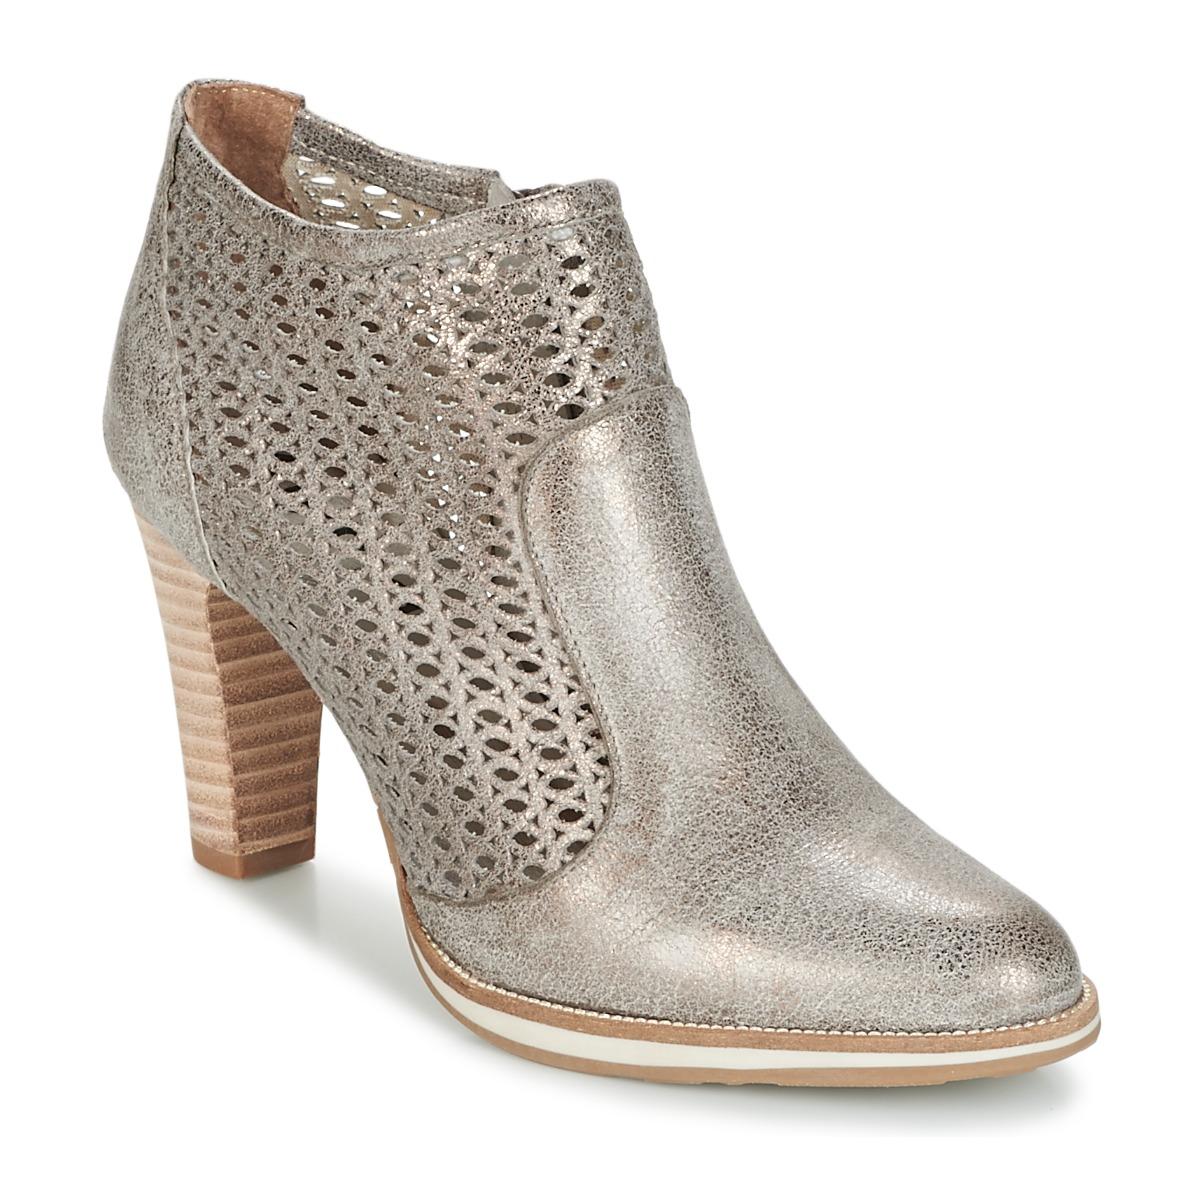 Myma LINOPOS Silbern - Kostenloser Versand bei Spartoode ! - Schuhe Low Boots Damen 97,30 €